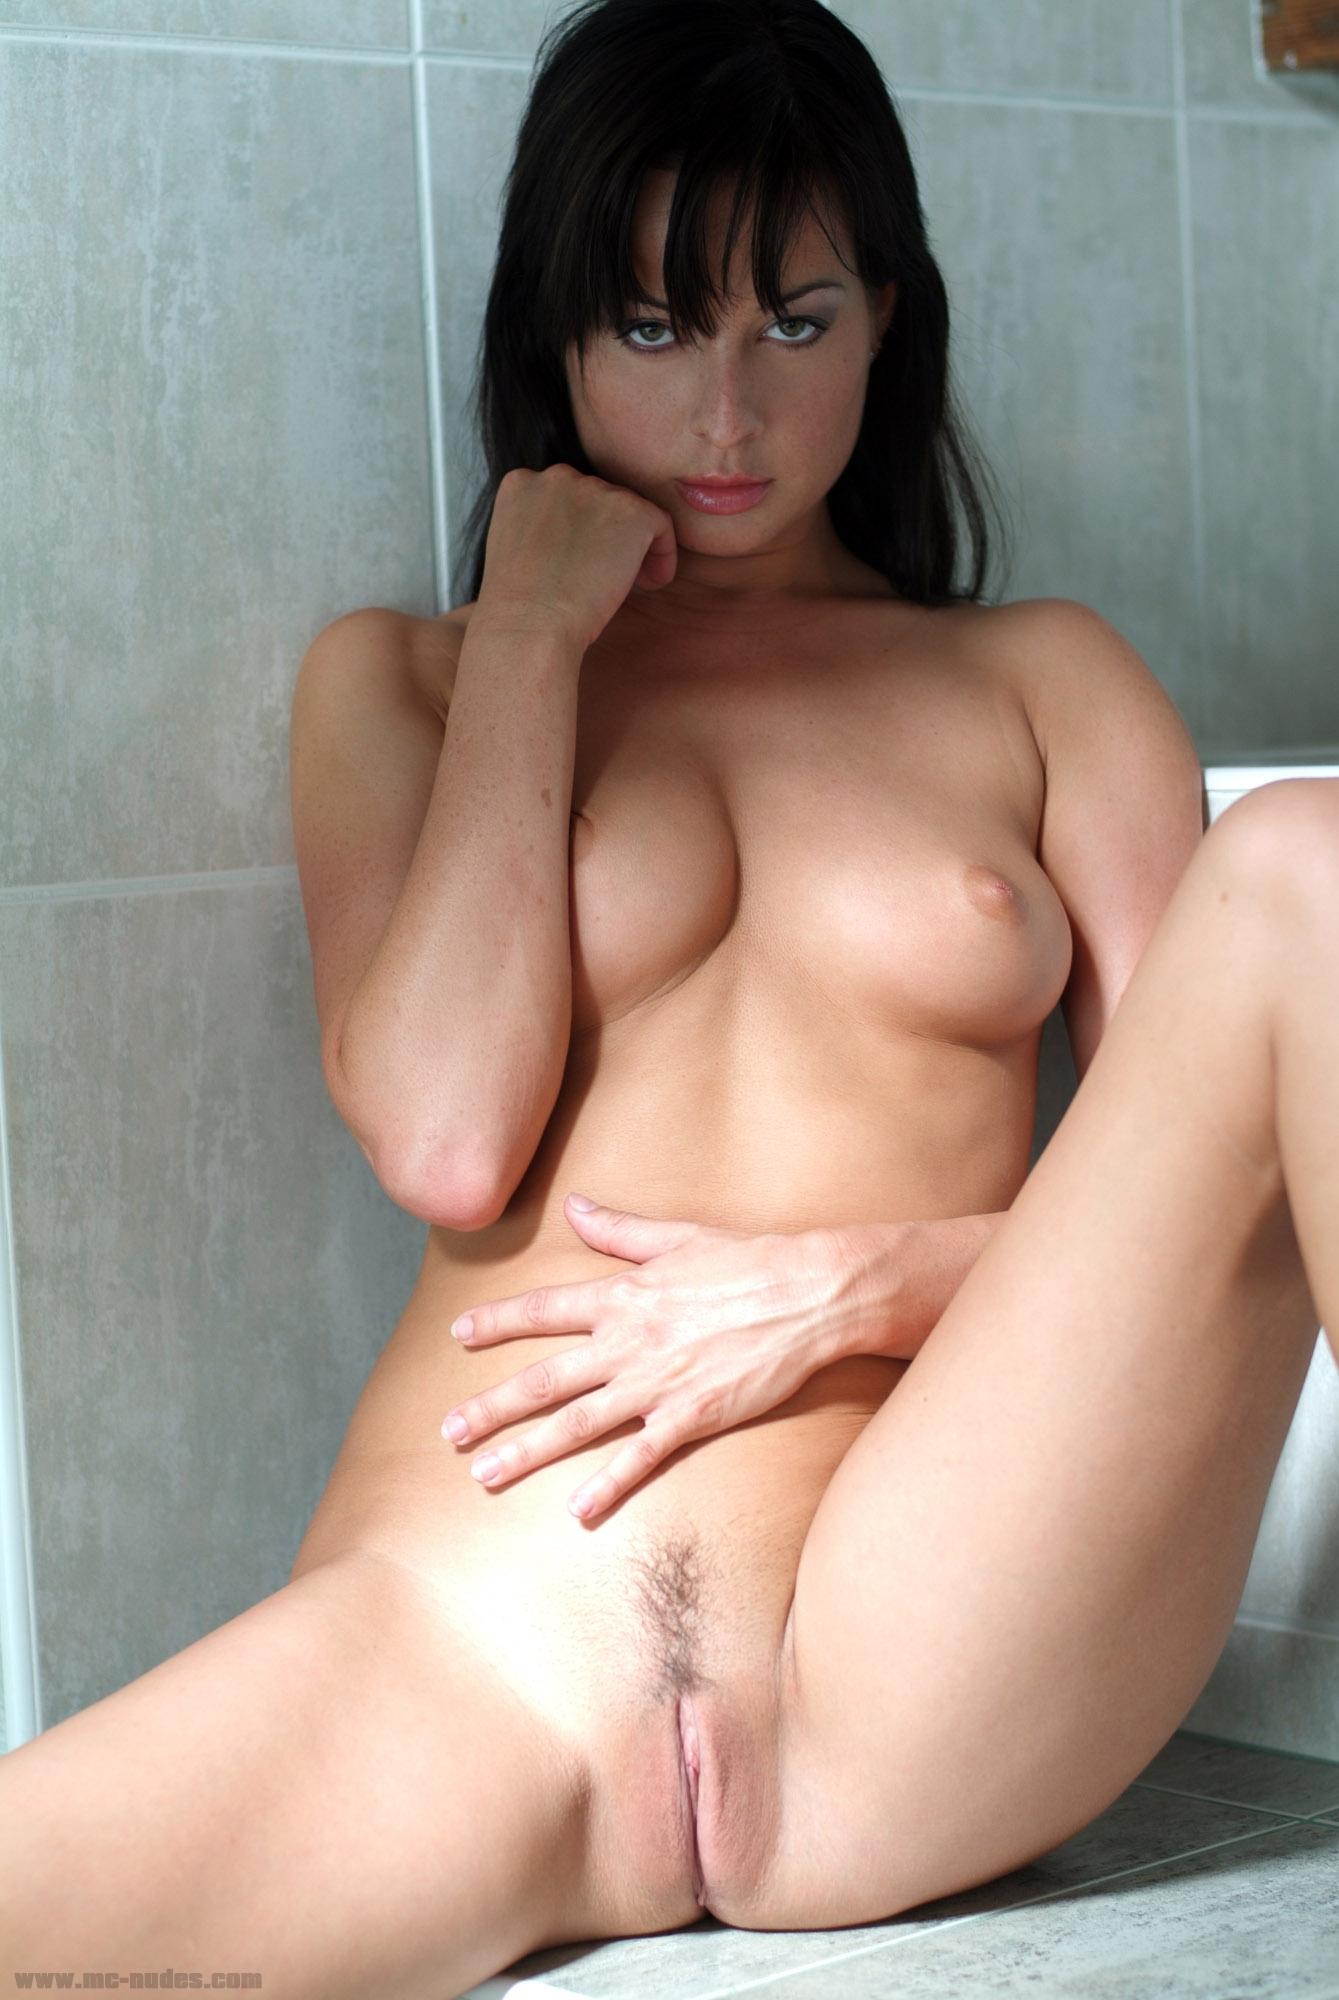 raven simon naked tits